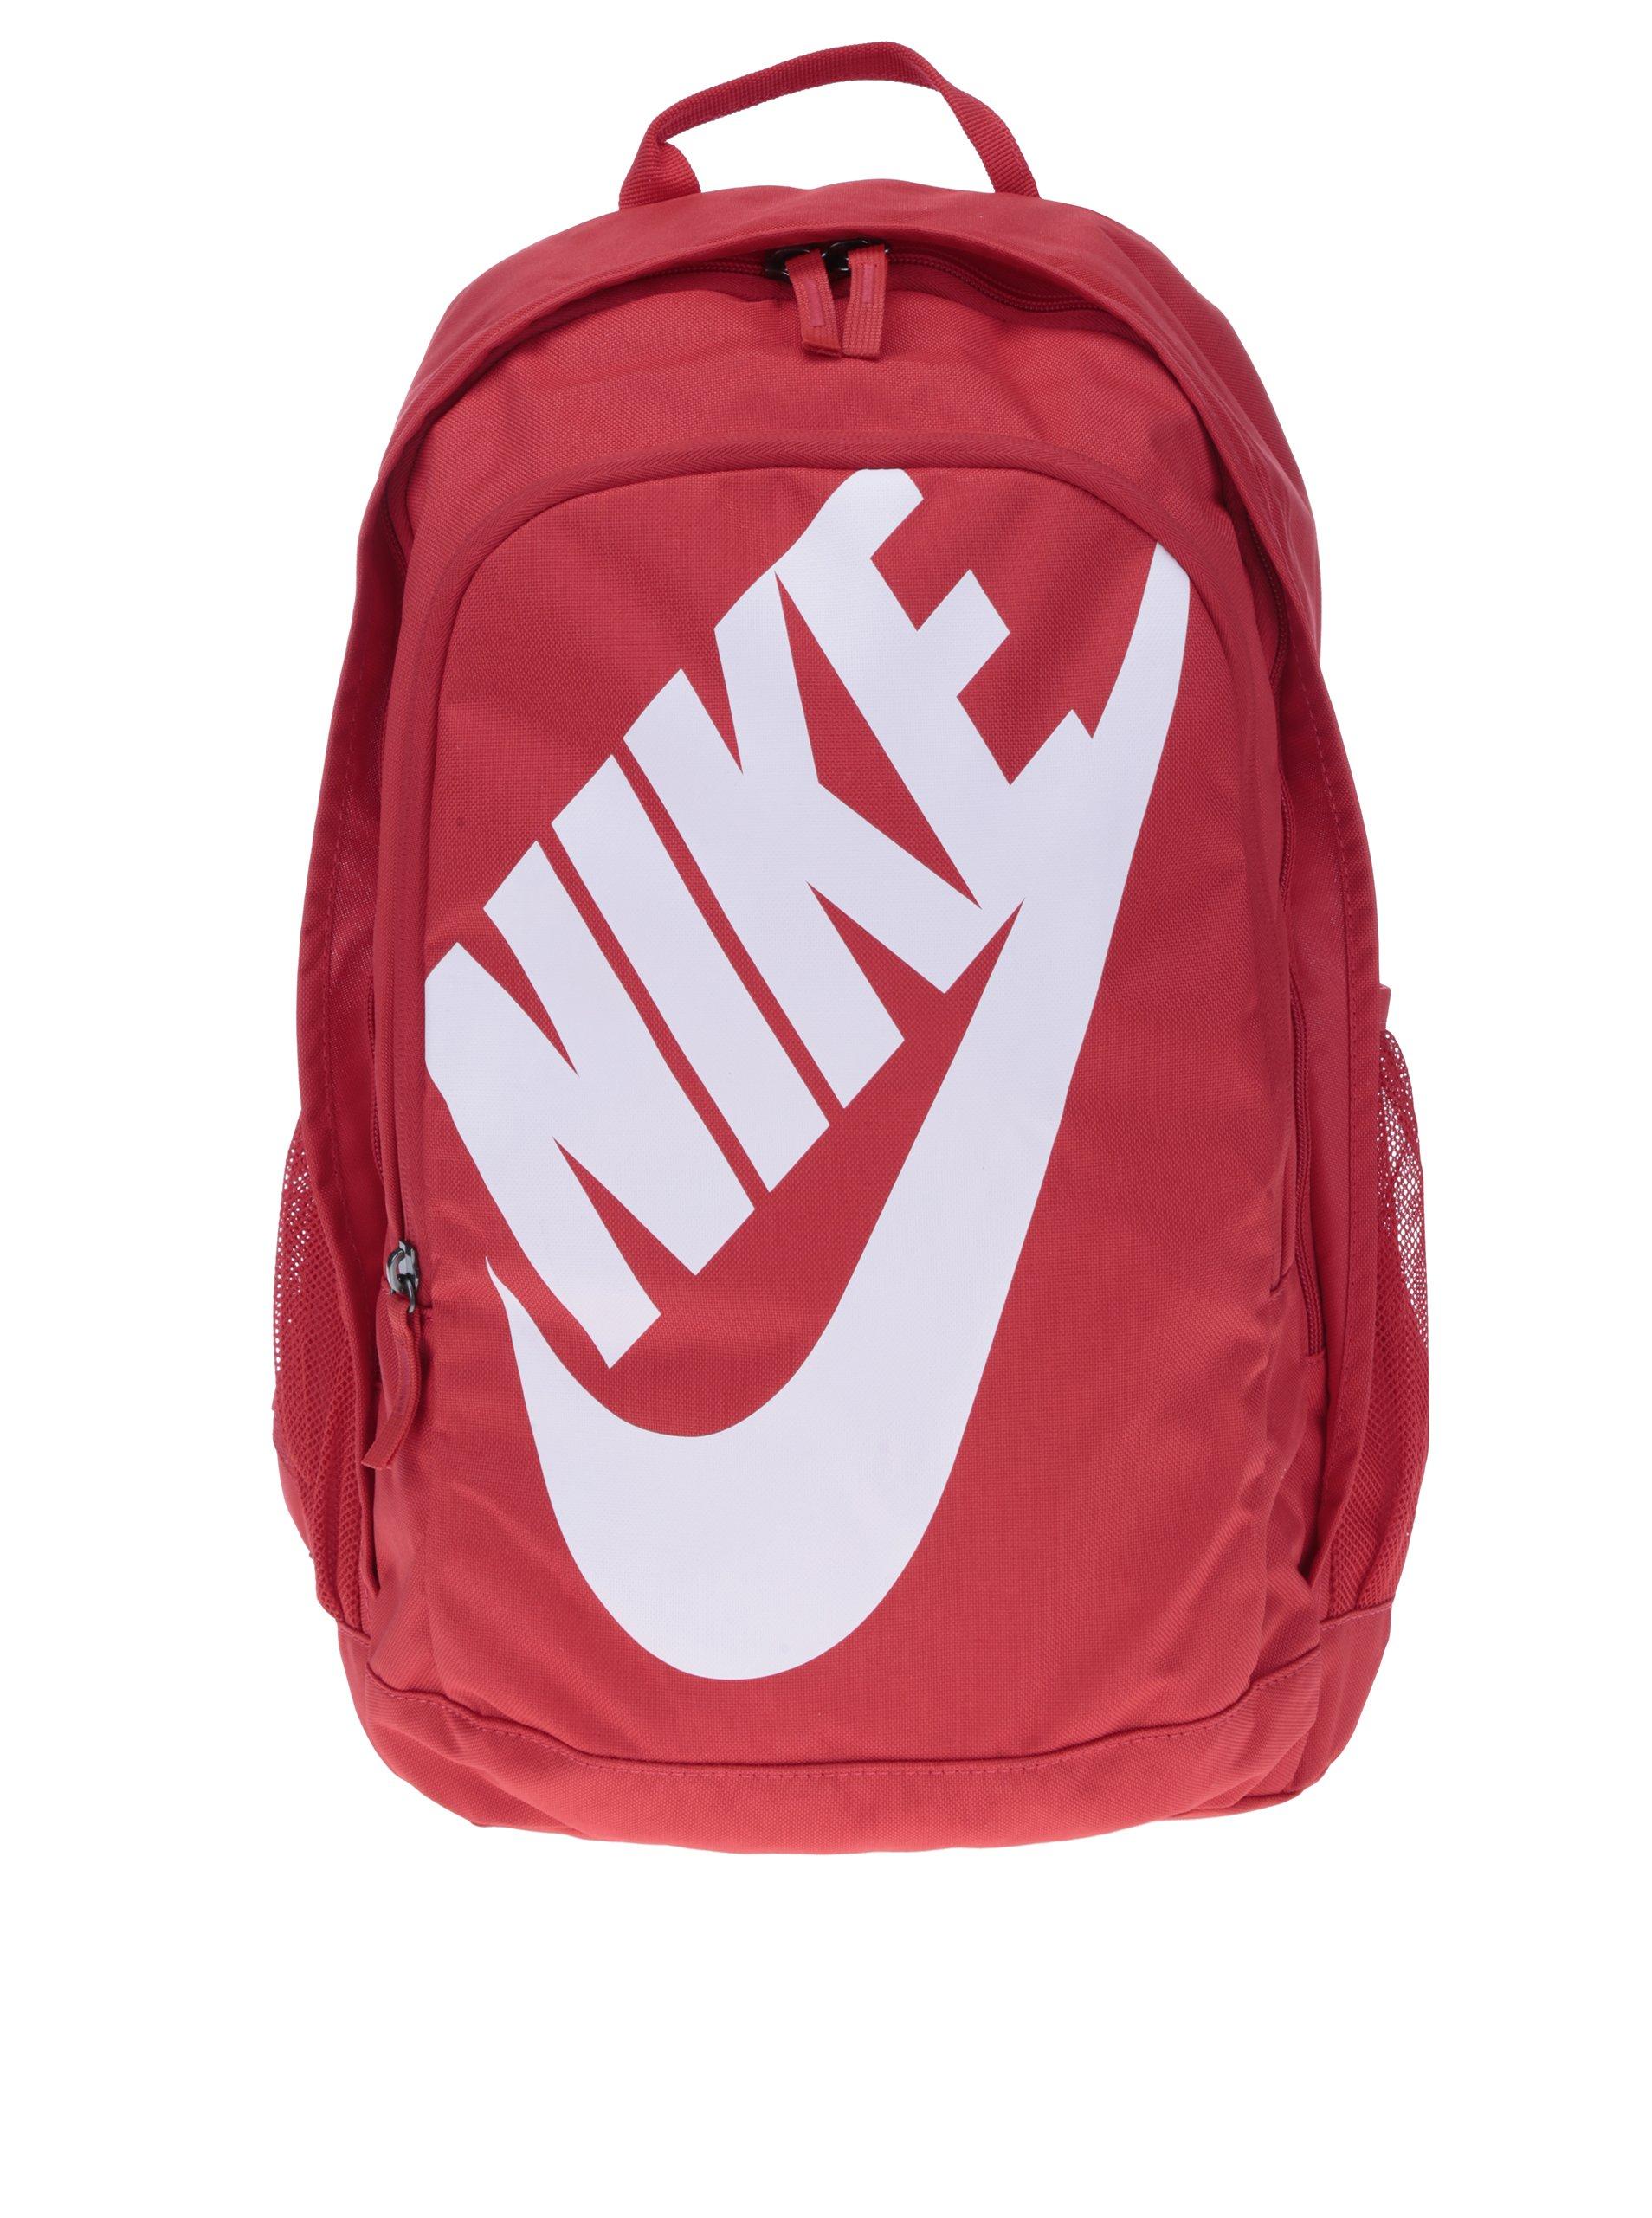 Červený batoh s logem Nike Hayward